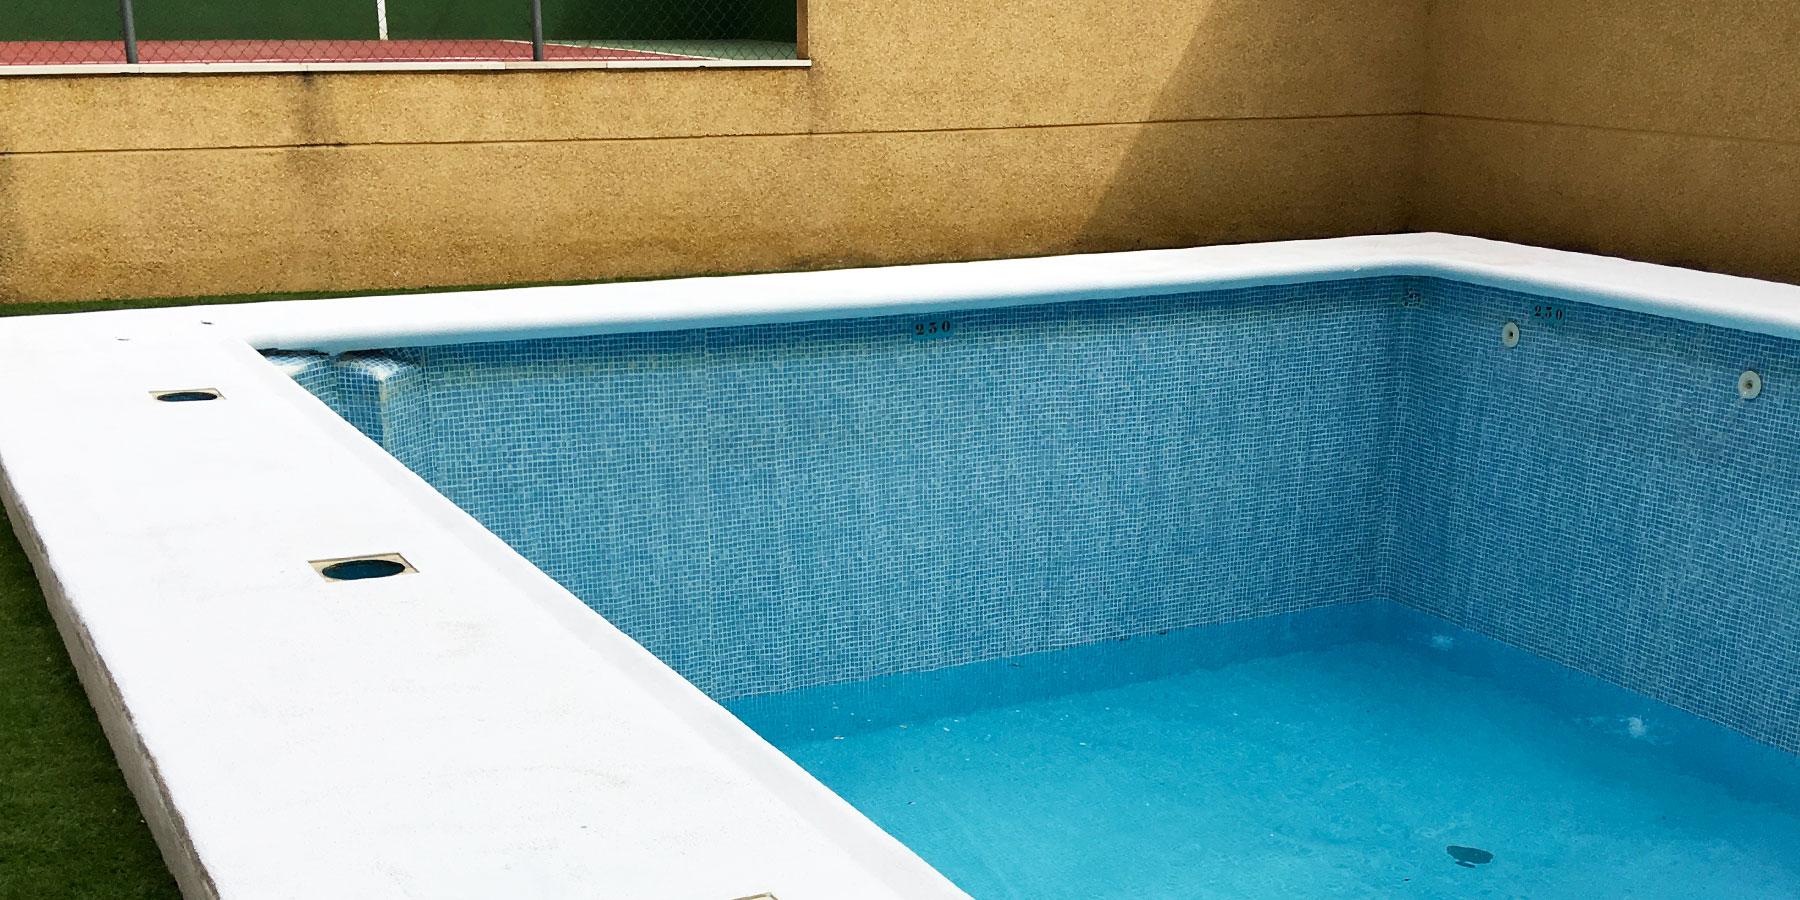 Aranda-Multiservicios-y-Limpiezas-limpieza-de-piscinas